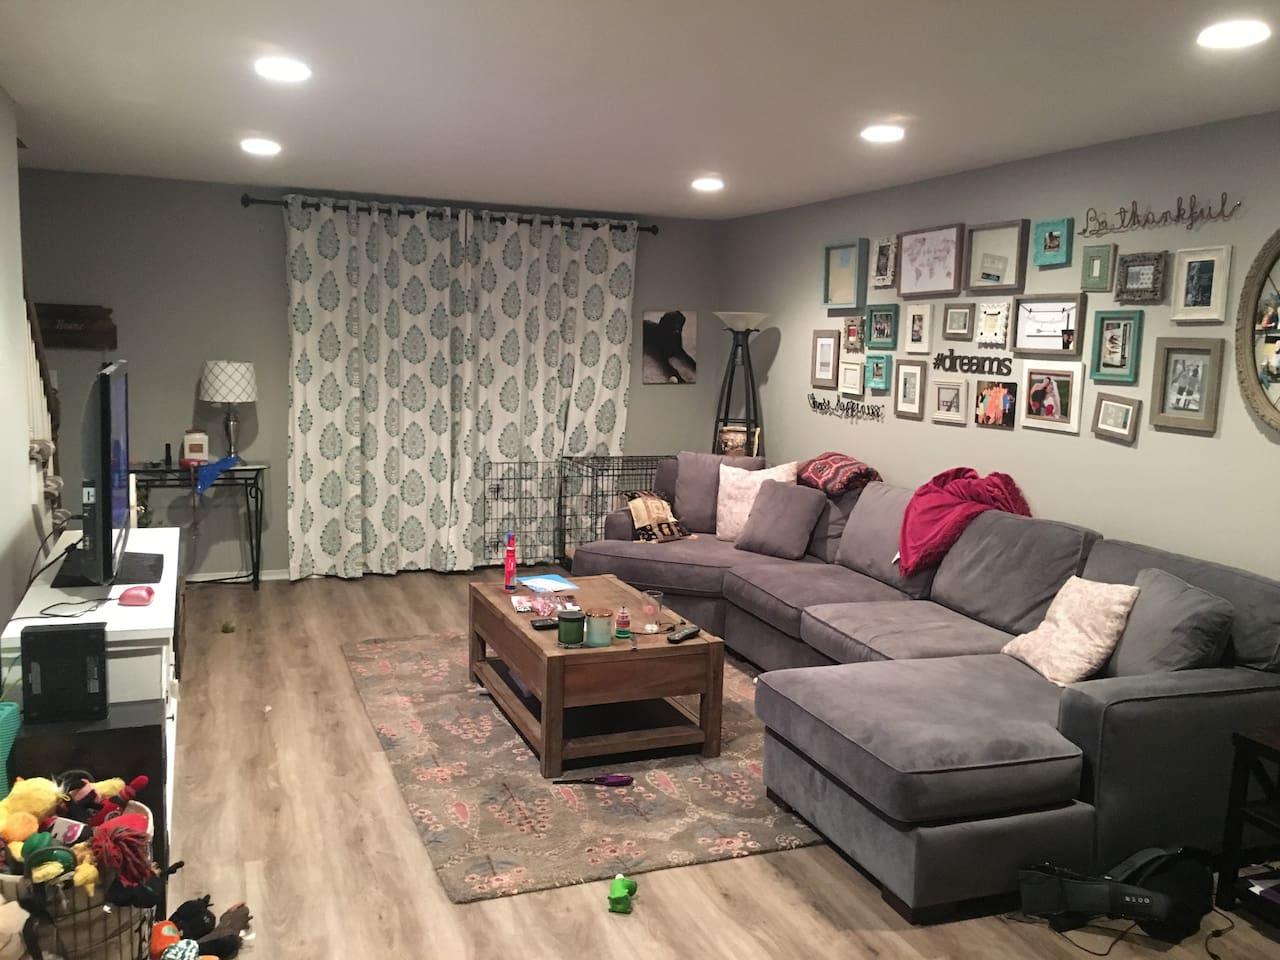 Cozy living room/common area